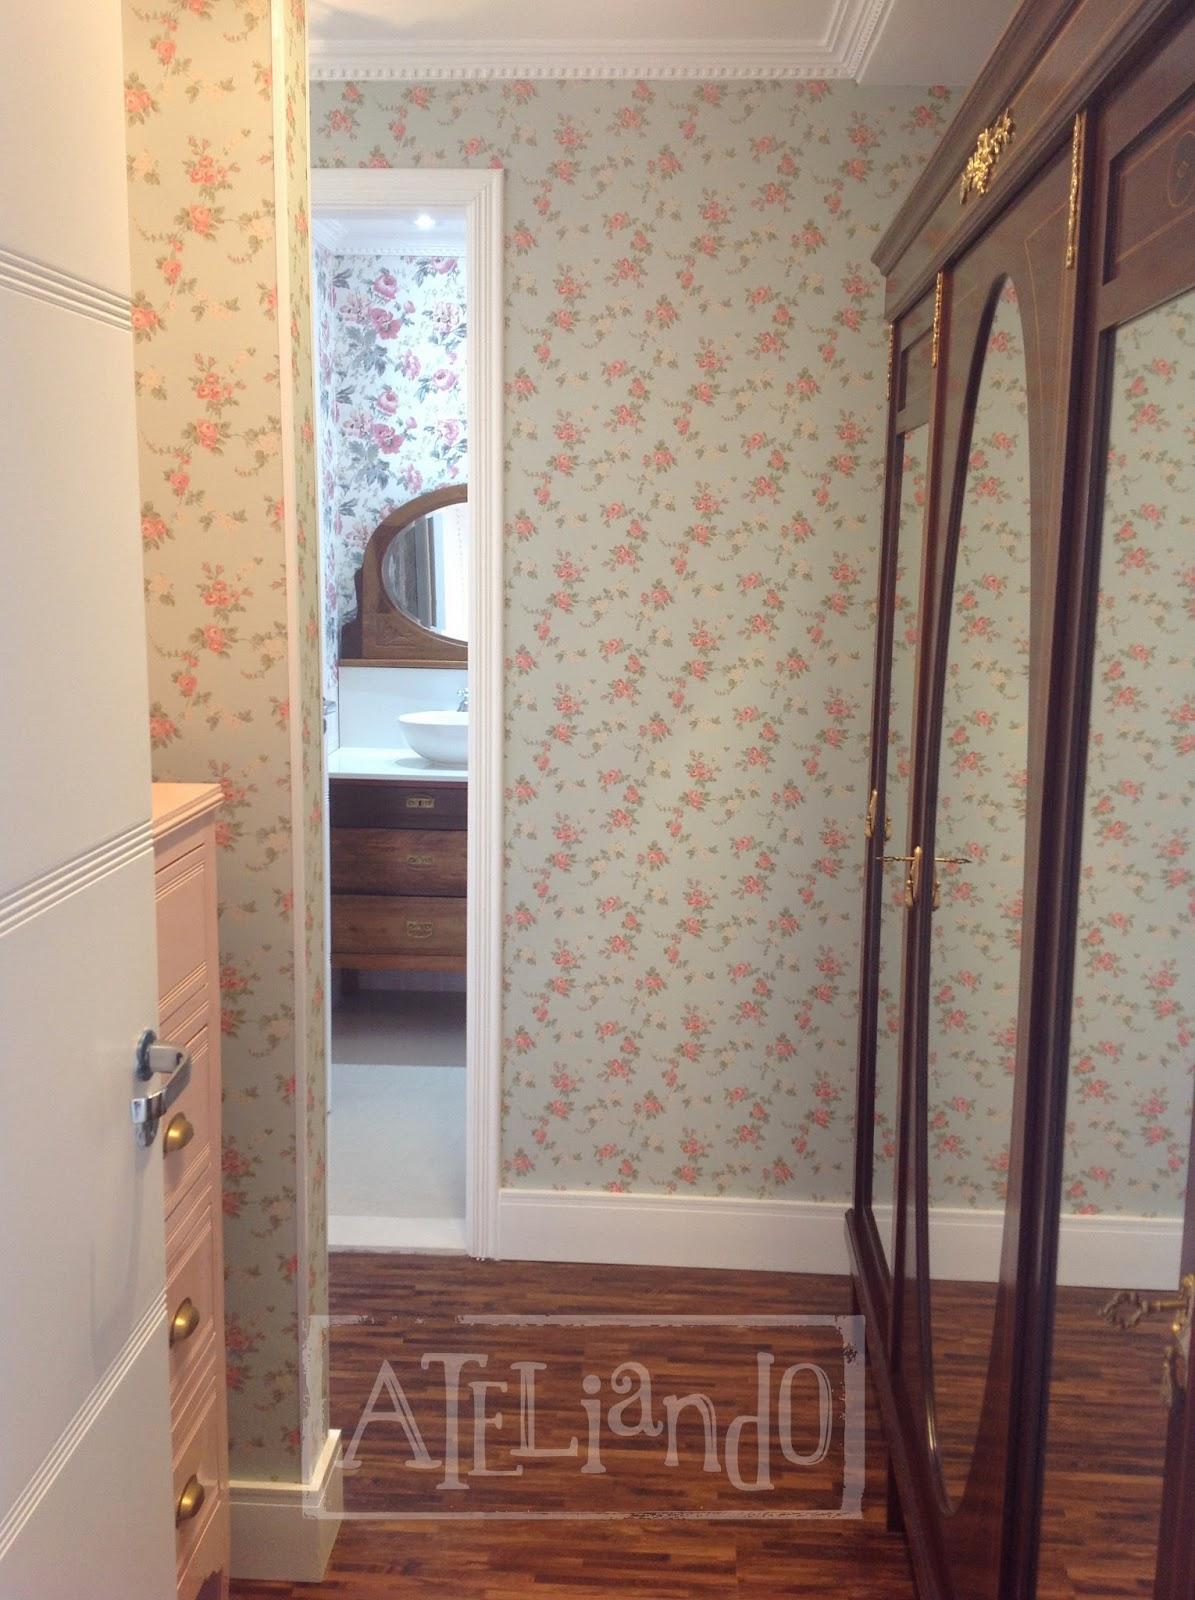 Customização de móveis antigos: Closet e banheiro customizados #866945 1195x1600 Banheiro Com Closet E Banheira